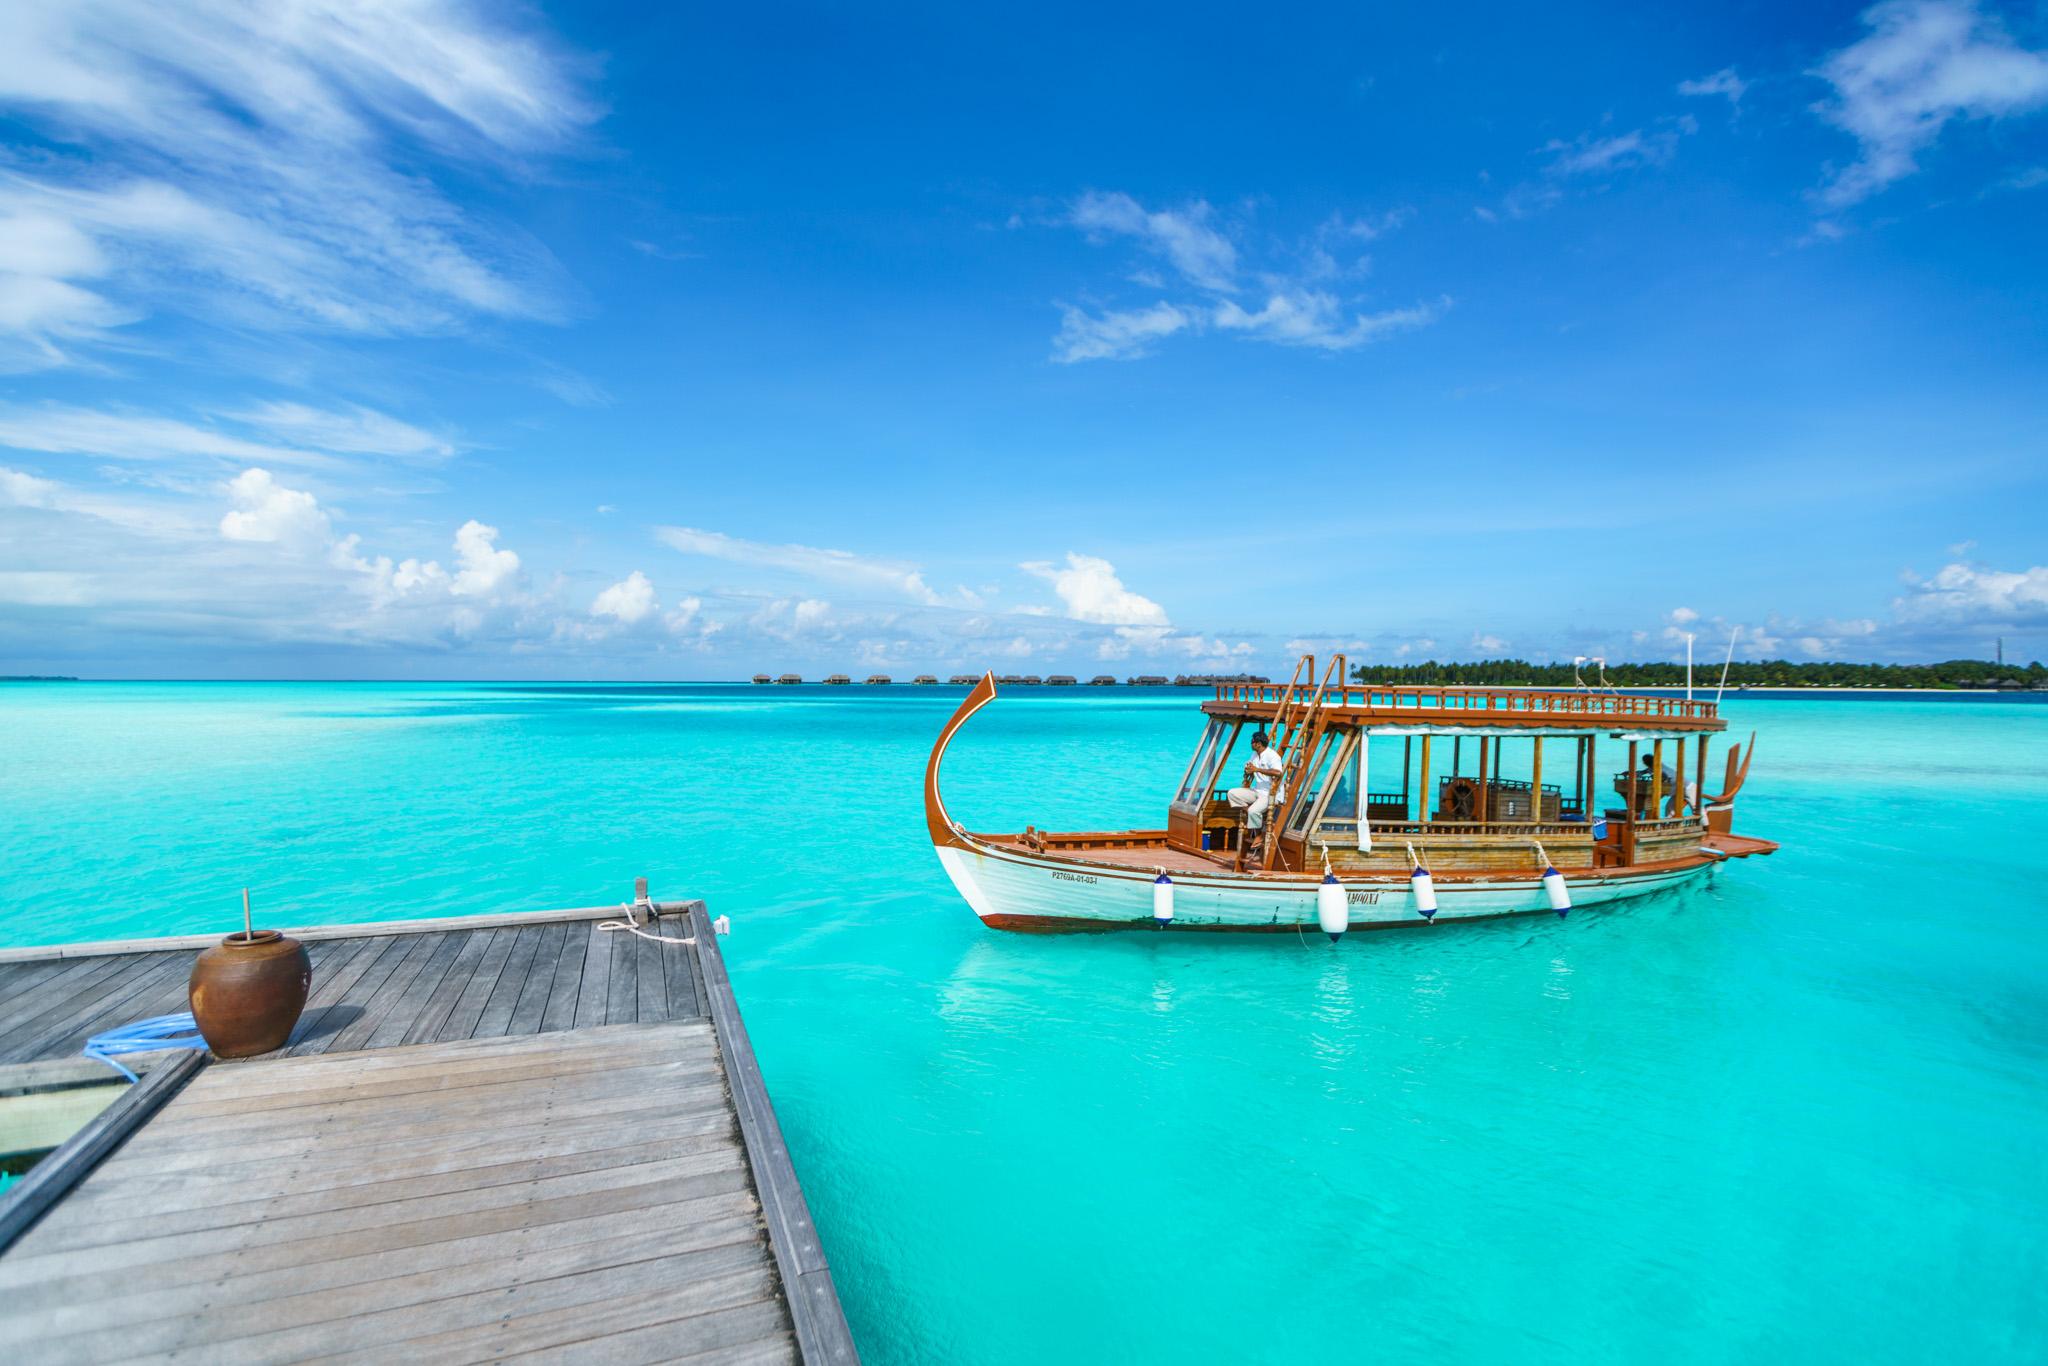 Транспорт на Мальдивских островах